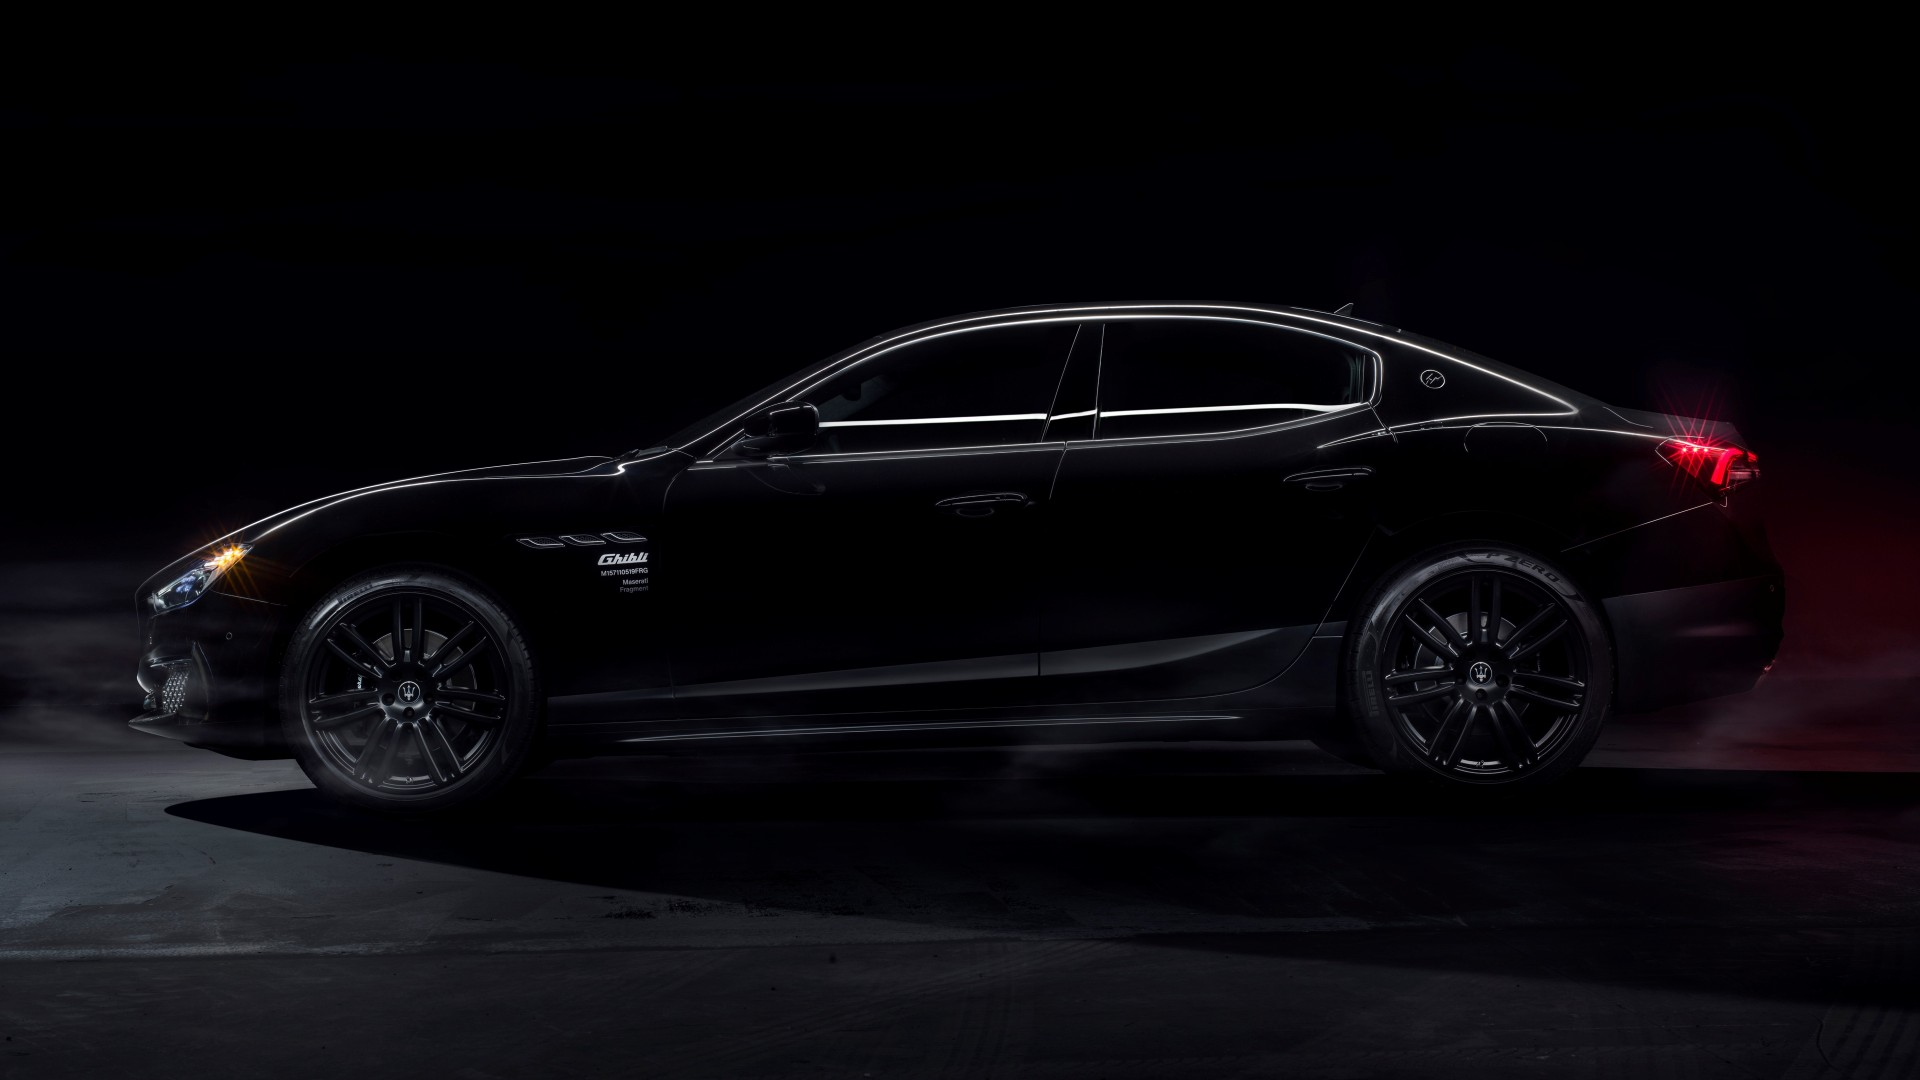 Maserati Ghibli Operanera y Operabianca, conjuntando el diseño italiano con la moda japonesa